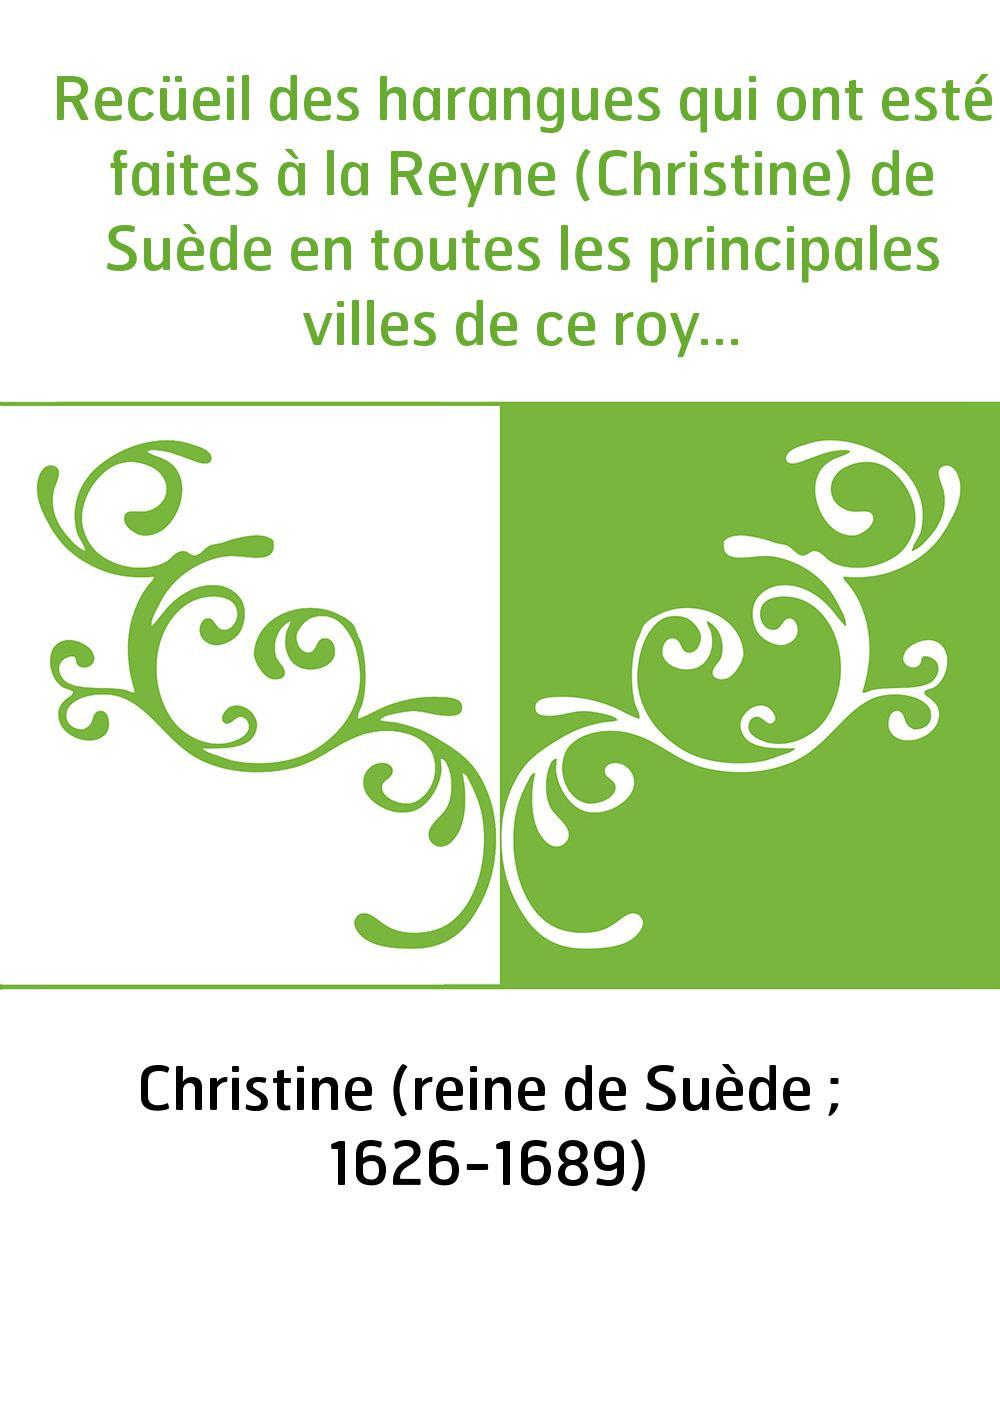 Recüeil des harangues qui ont esté faites à la Reyne (Christine) de Suède en toutes les principales villes de ce royaume, depuis